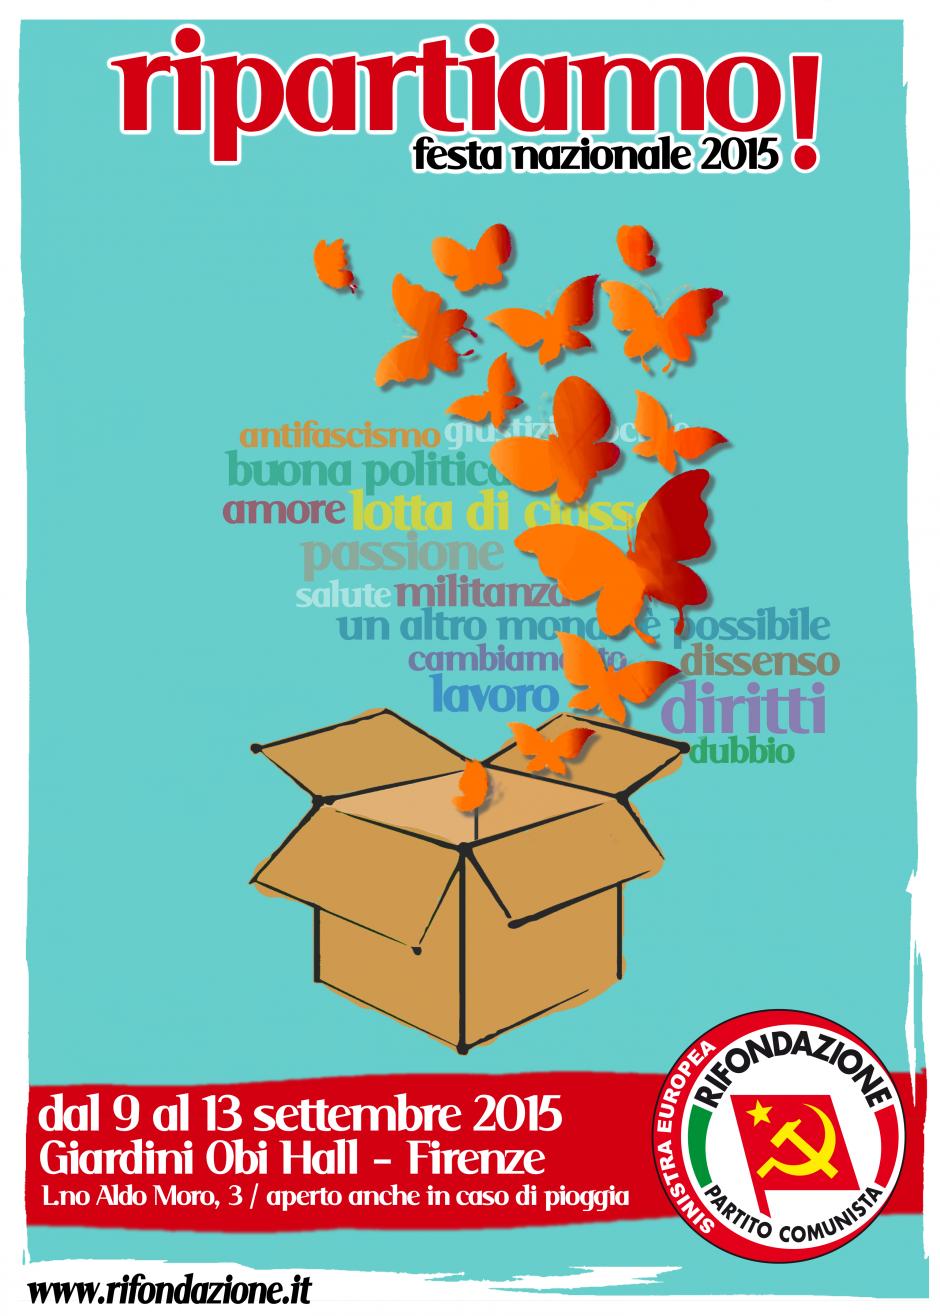 [Florence] Ripartiamo ! Fête nationale de Rifondazione Comunista